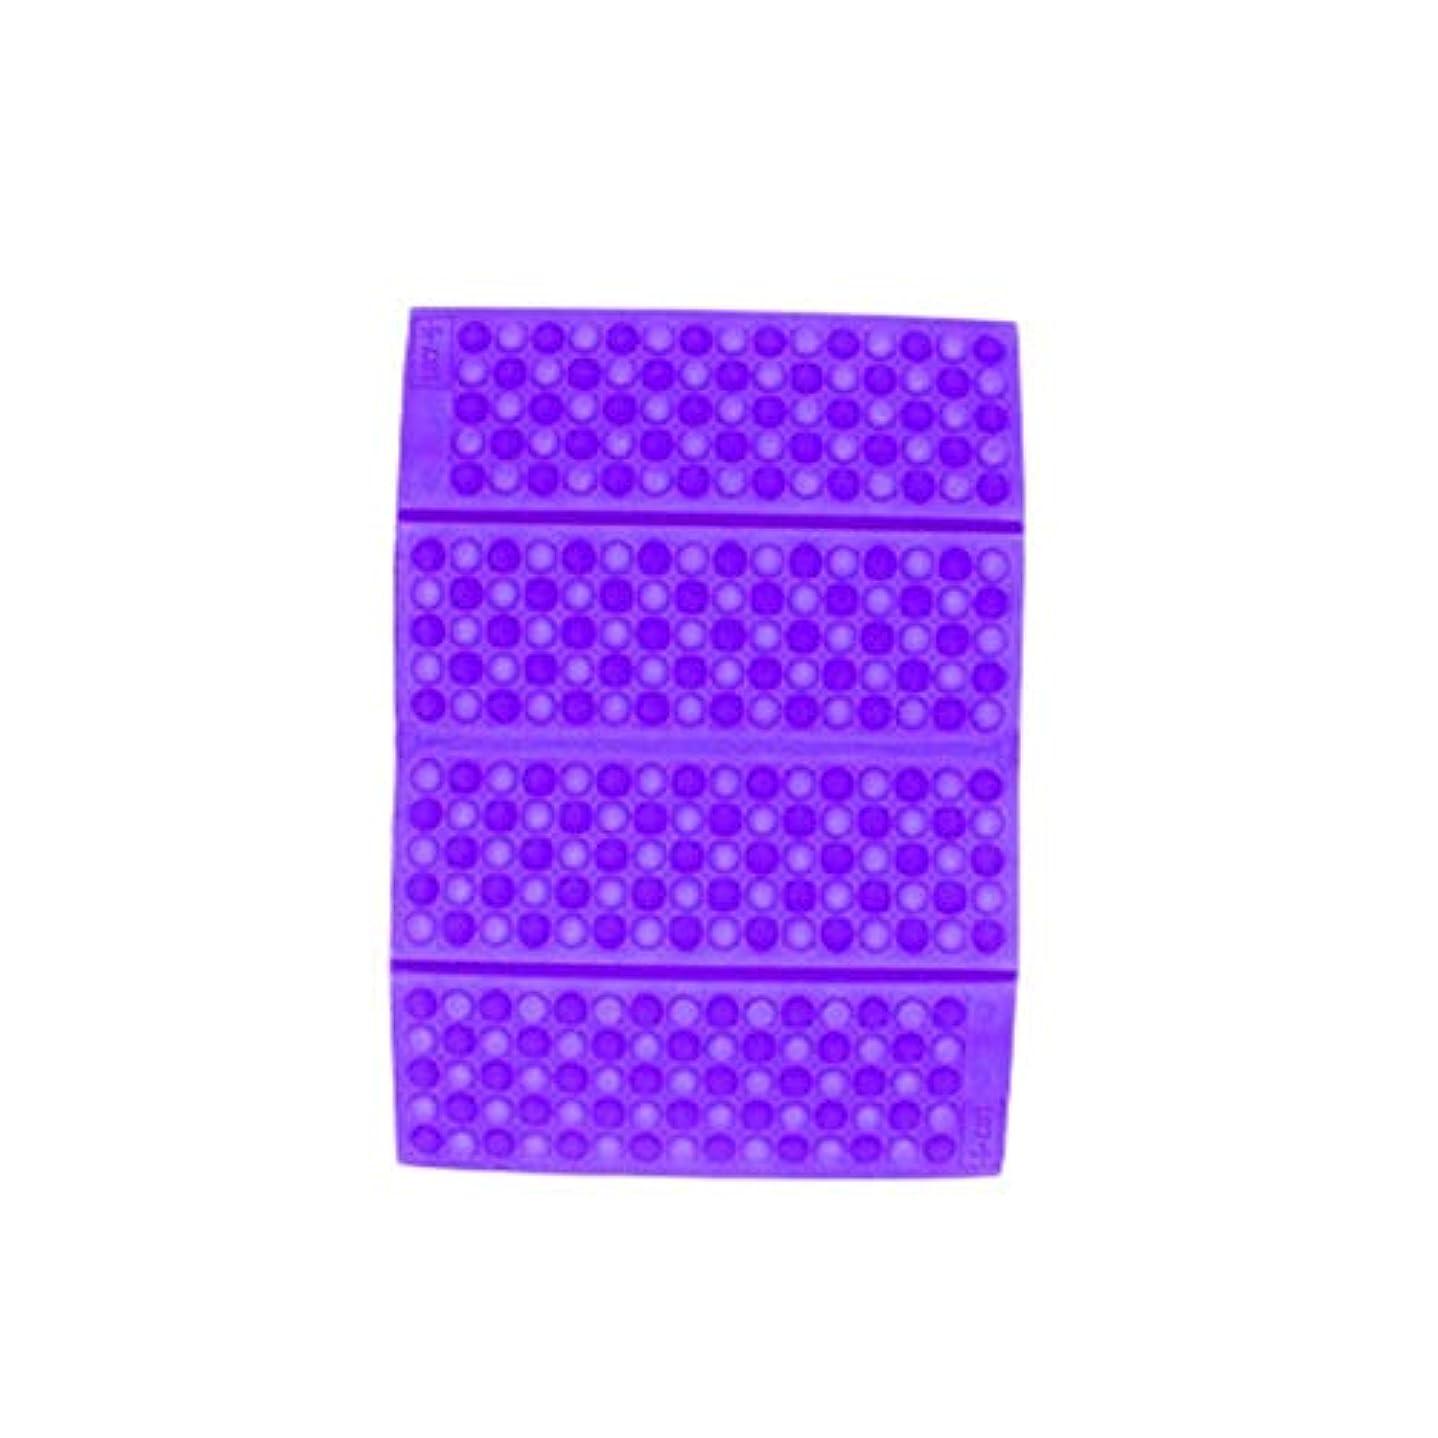 高架冷凍庫アクションポータブルXPE防湿ハニカムクッションパープル-パープル